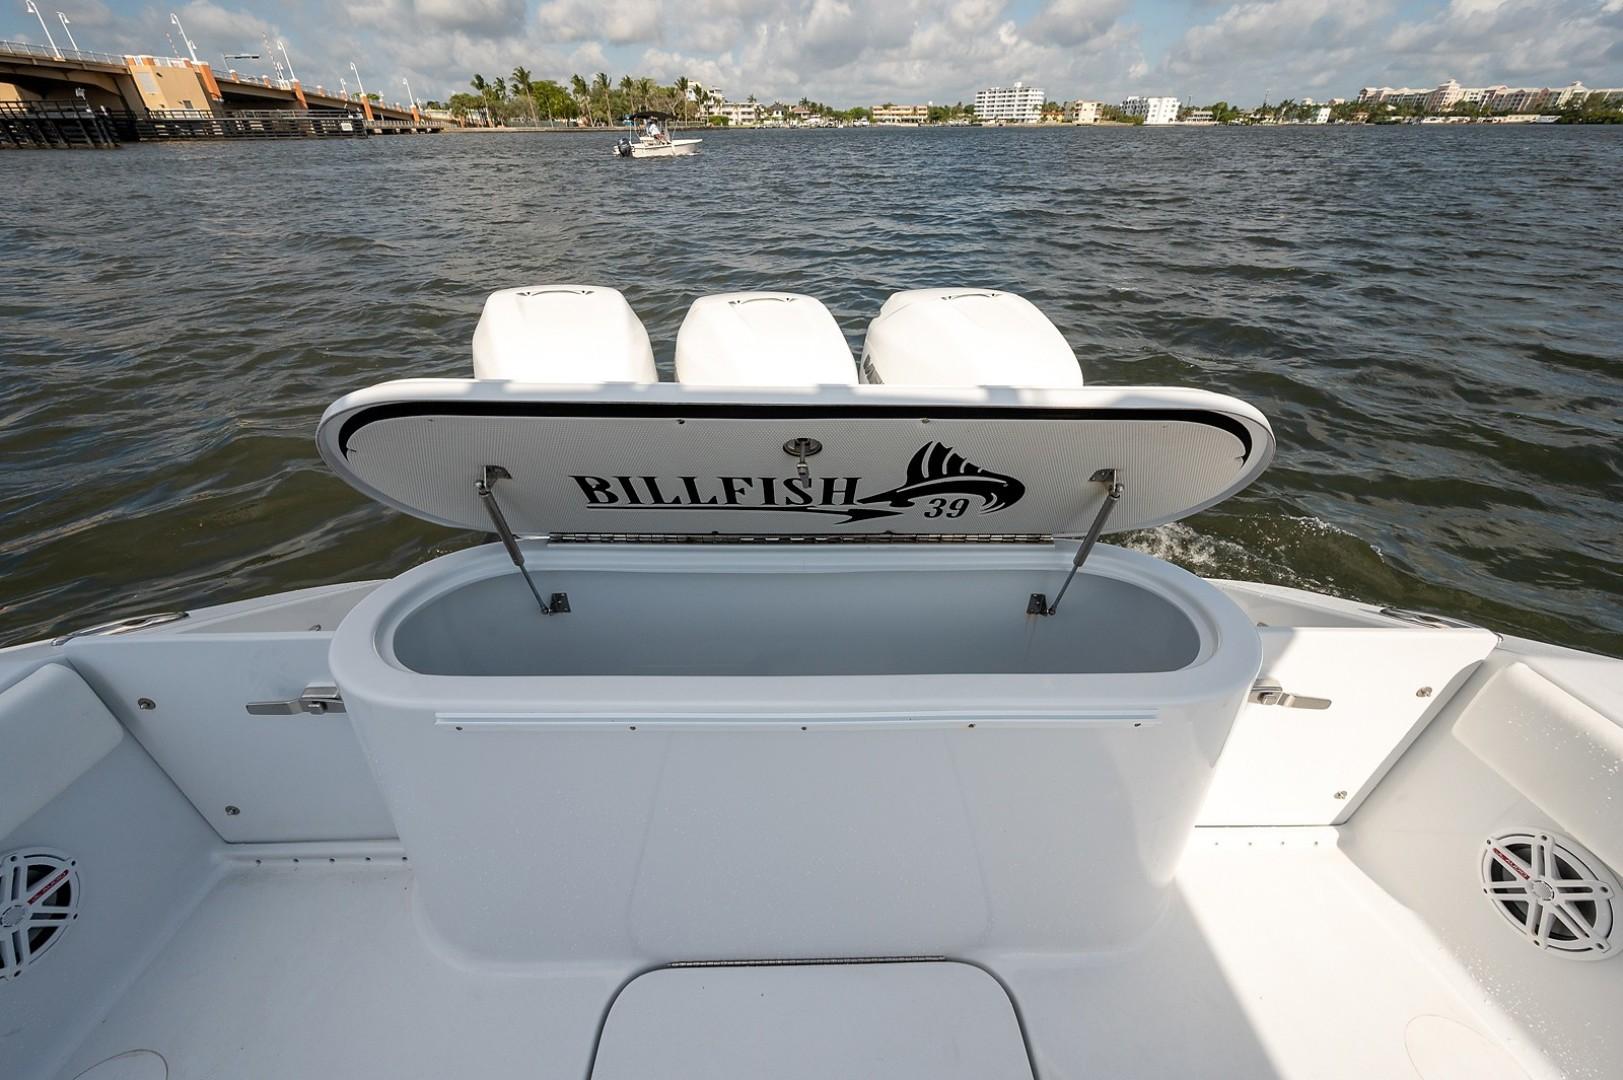 Billfish 39 - Big Shot - Cockpit